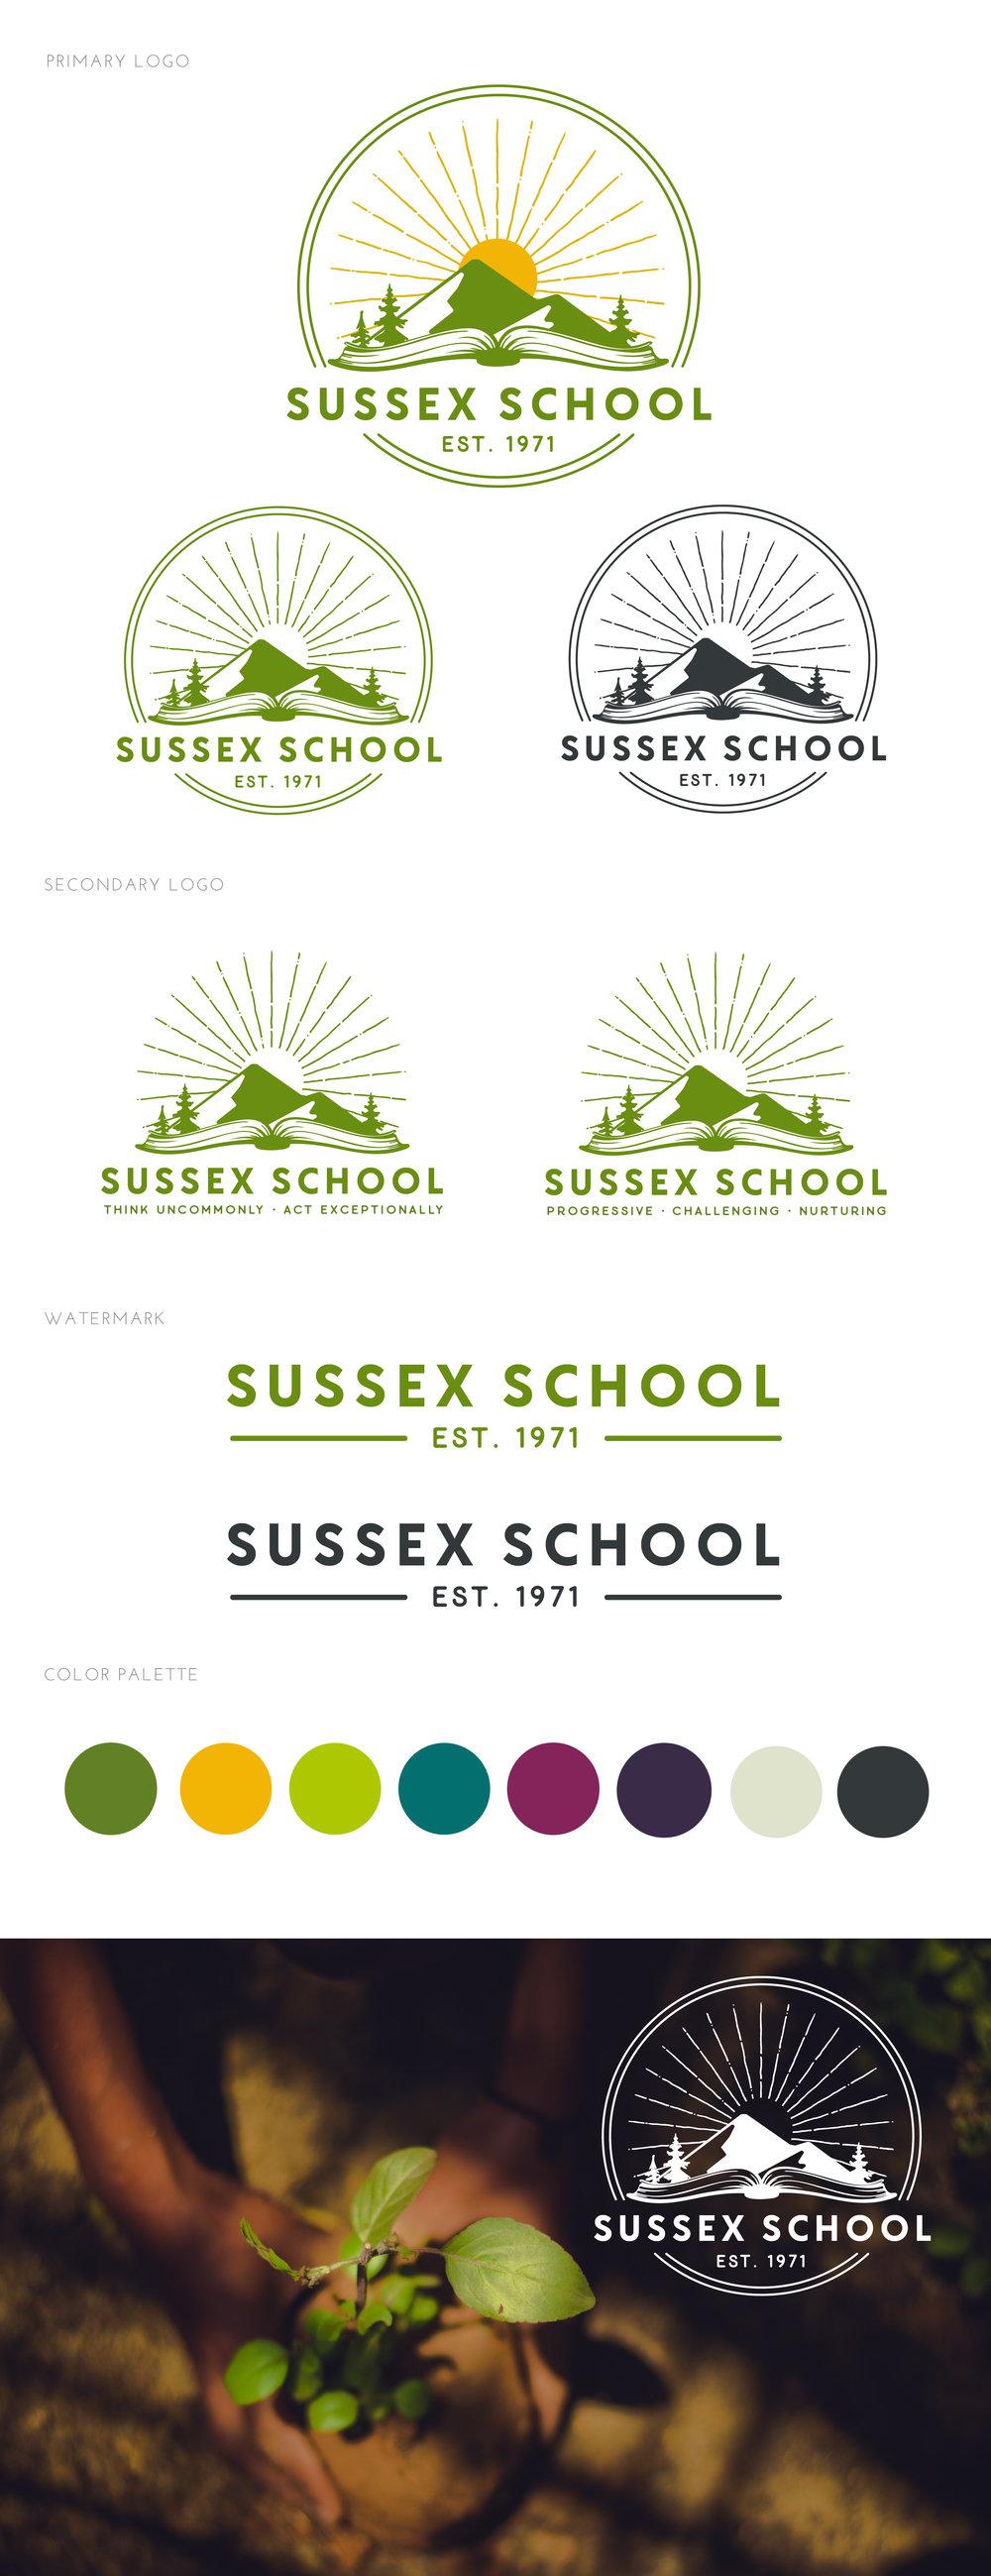 Sussex_FinalLogoVariations-01.jpg